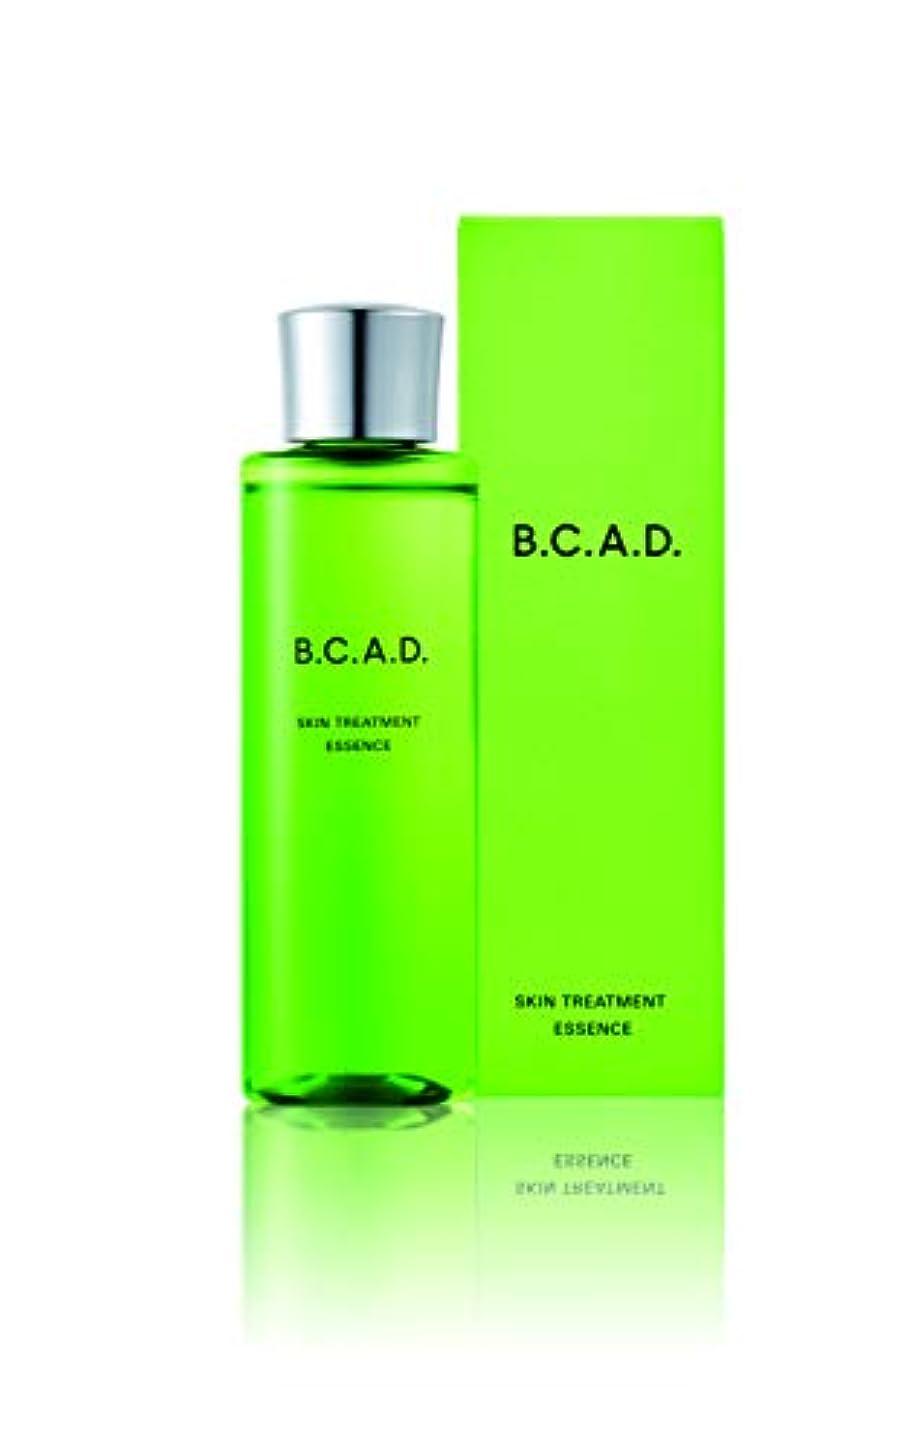 ほかに爵床を掃除するビーシーエーディー(B.C.A.D.) B.C.A.D.(ビーシーエーディー) スキントリートメントエッセンスa 120ml 美容液